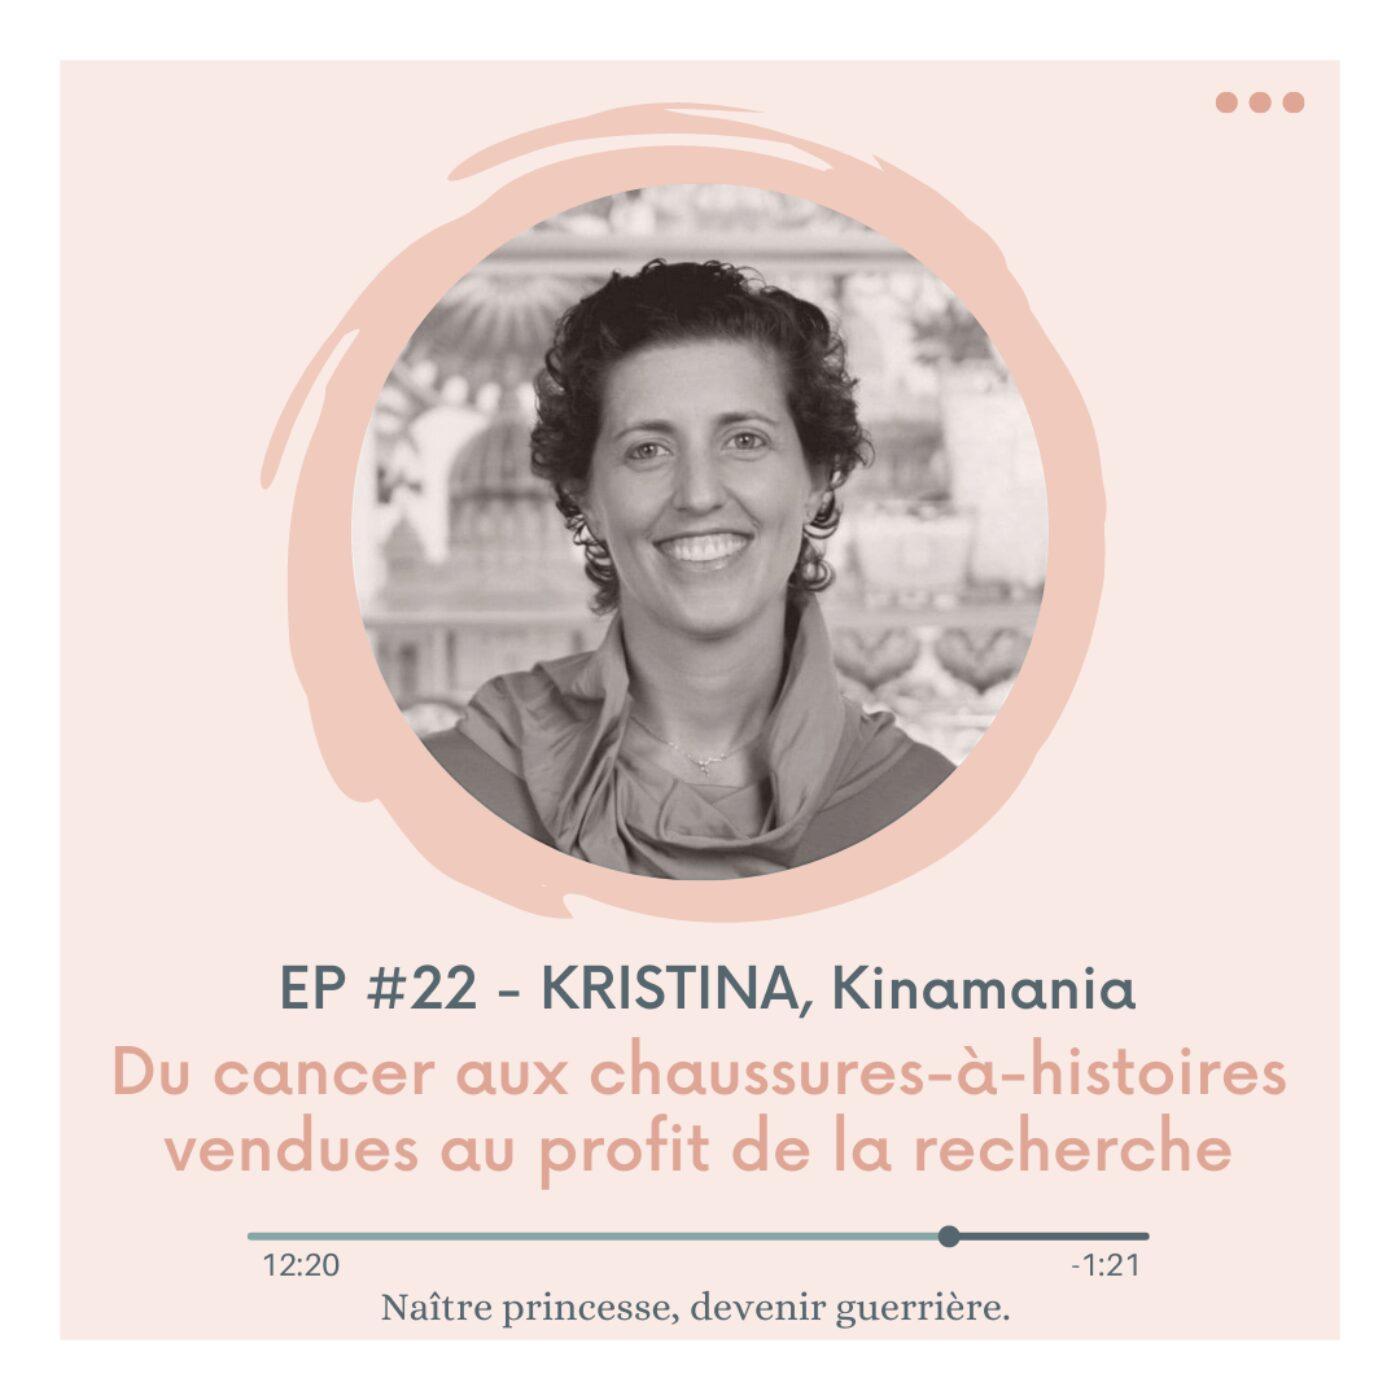 EP#22 - DU CANCER AUX CHAUSSURES-À-HISTOIRES VENDUES AU PROFIT DE LA RECHERCHE. Kristina